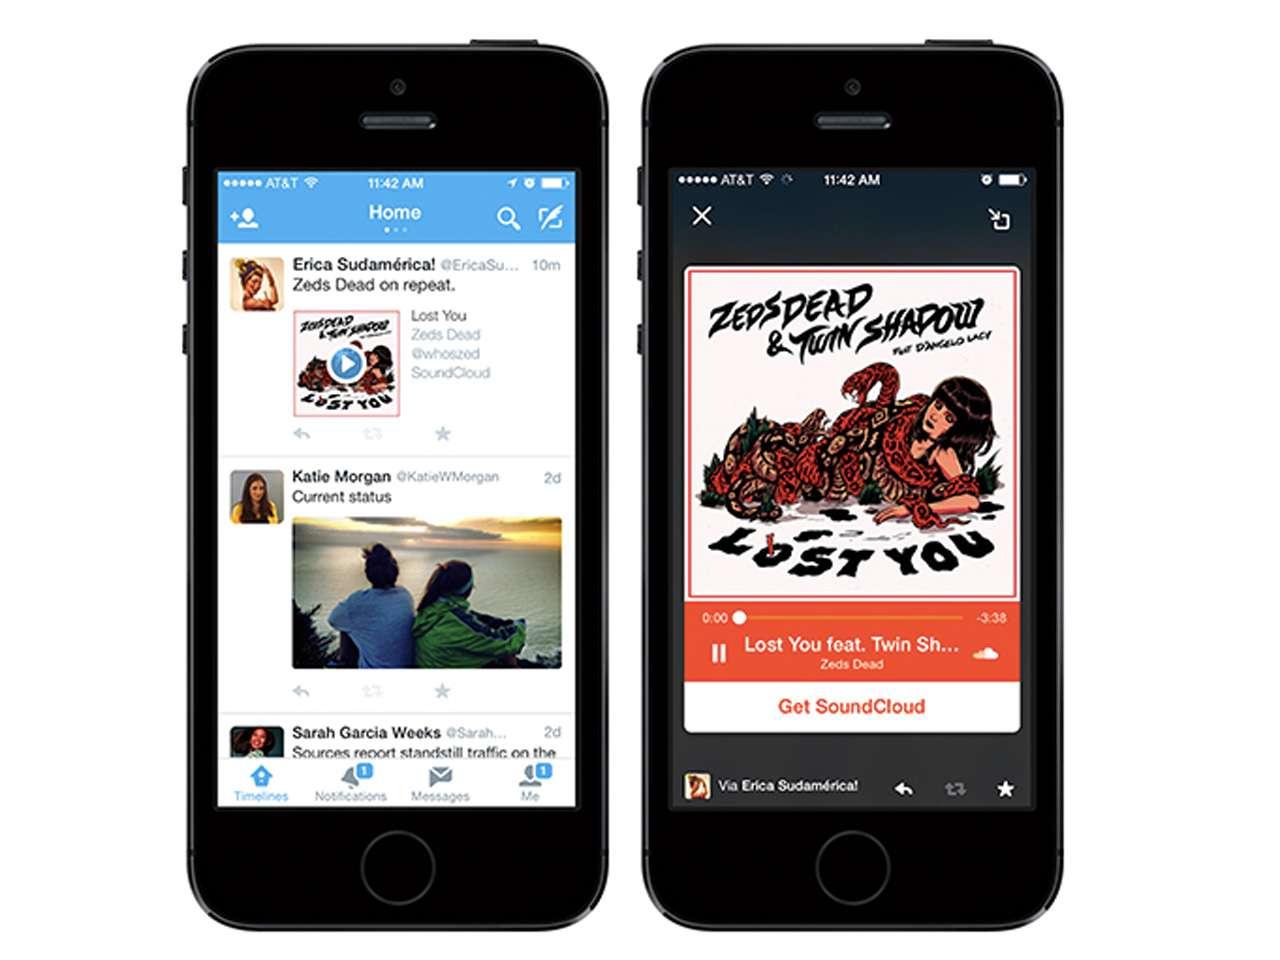 La nueva Twitter Card permite a los usuarios escuchar canciones o clips de audio del servicio de streaming SoundCloud Foto: Twitter